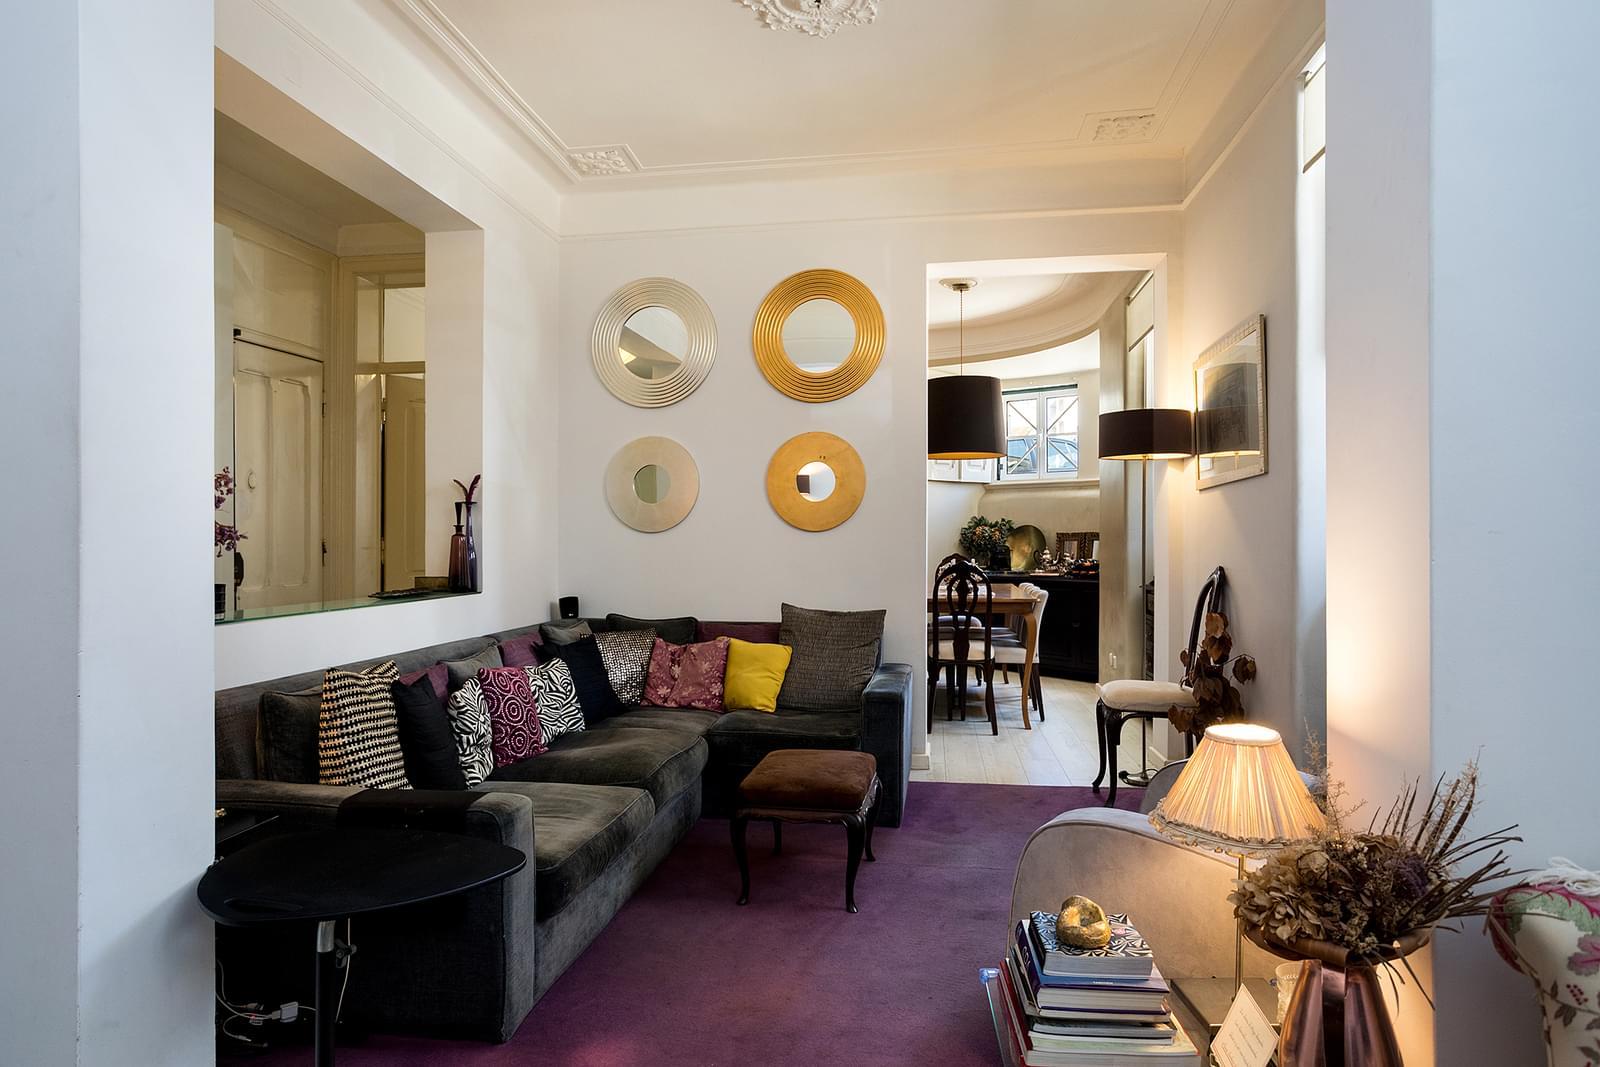 pf17379-apartamento-t3-lisboa-212f9b34-2039-4e61-9d62-603fd68a5c7b